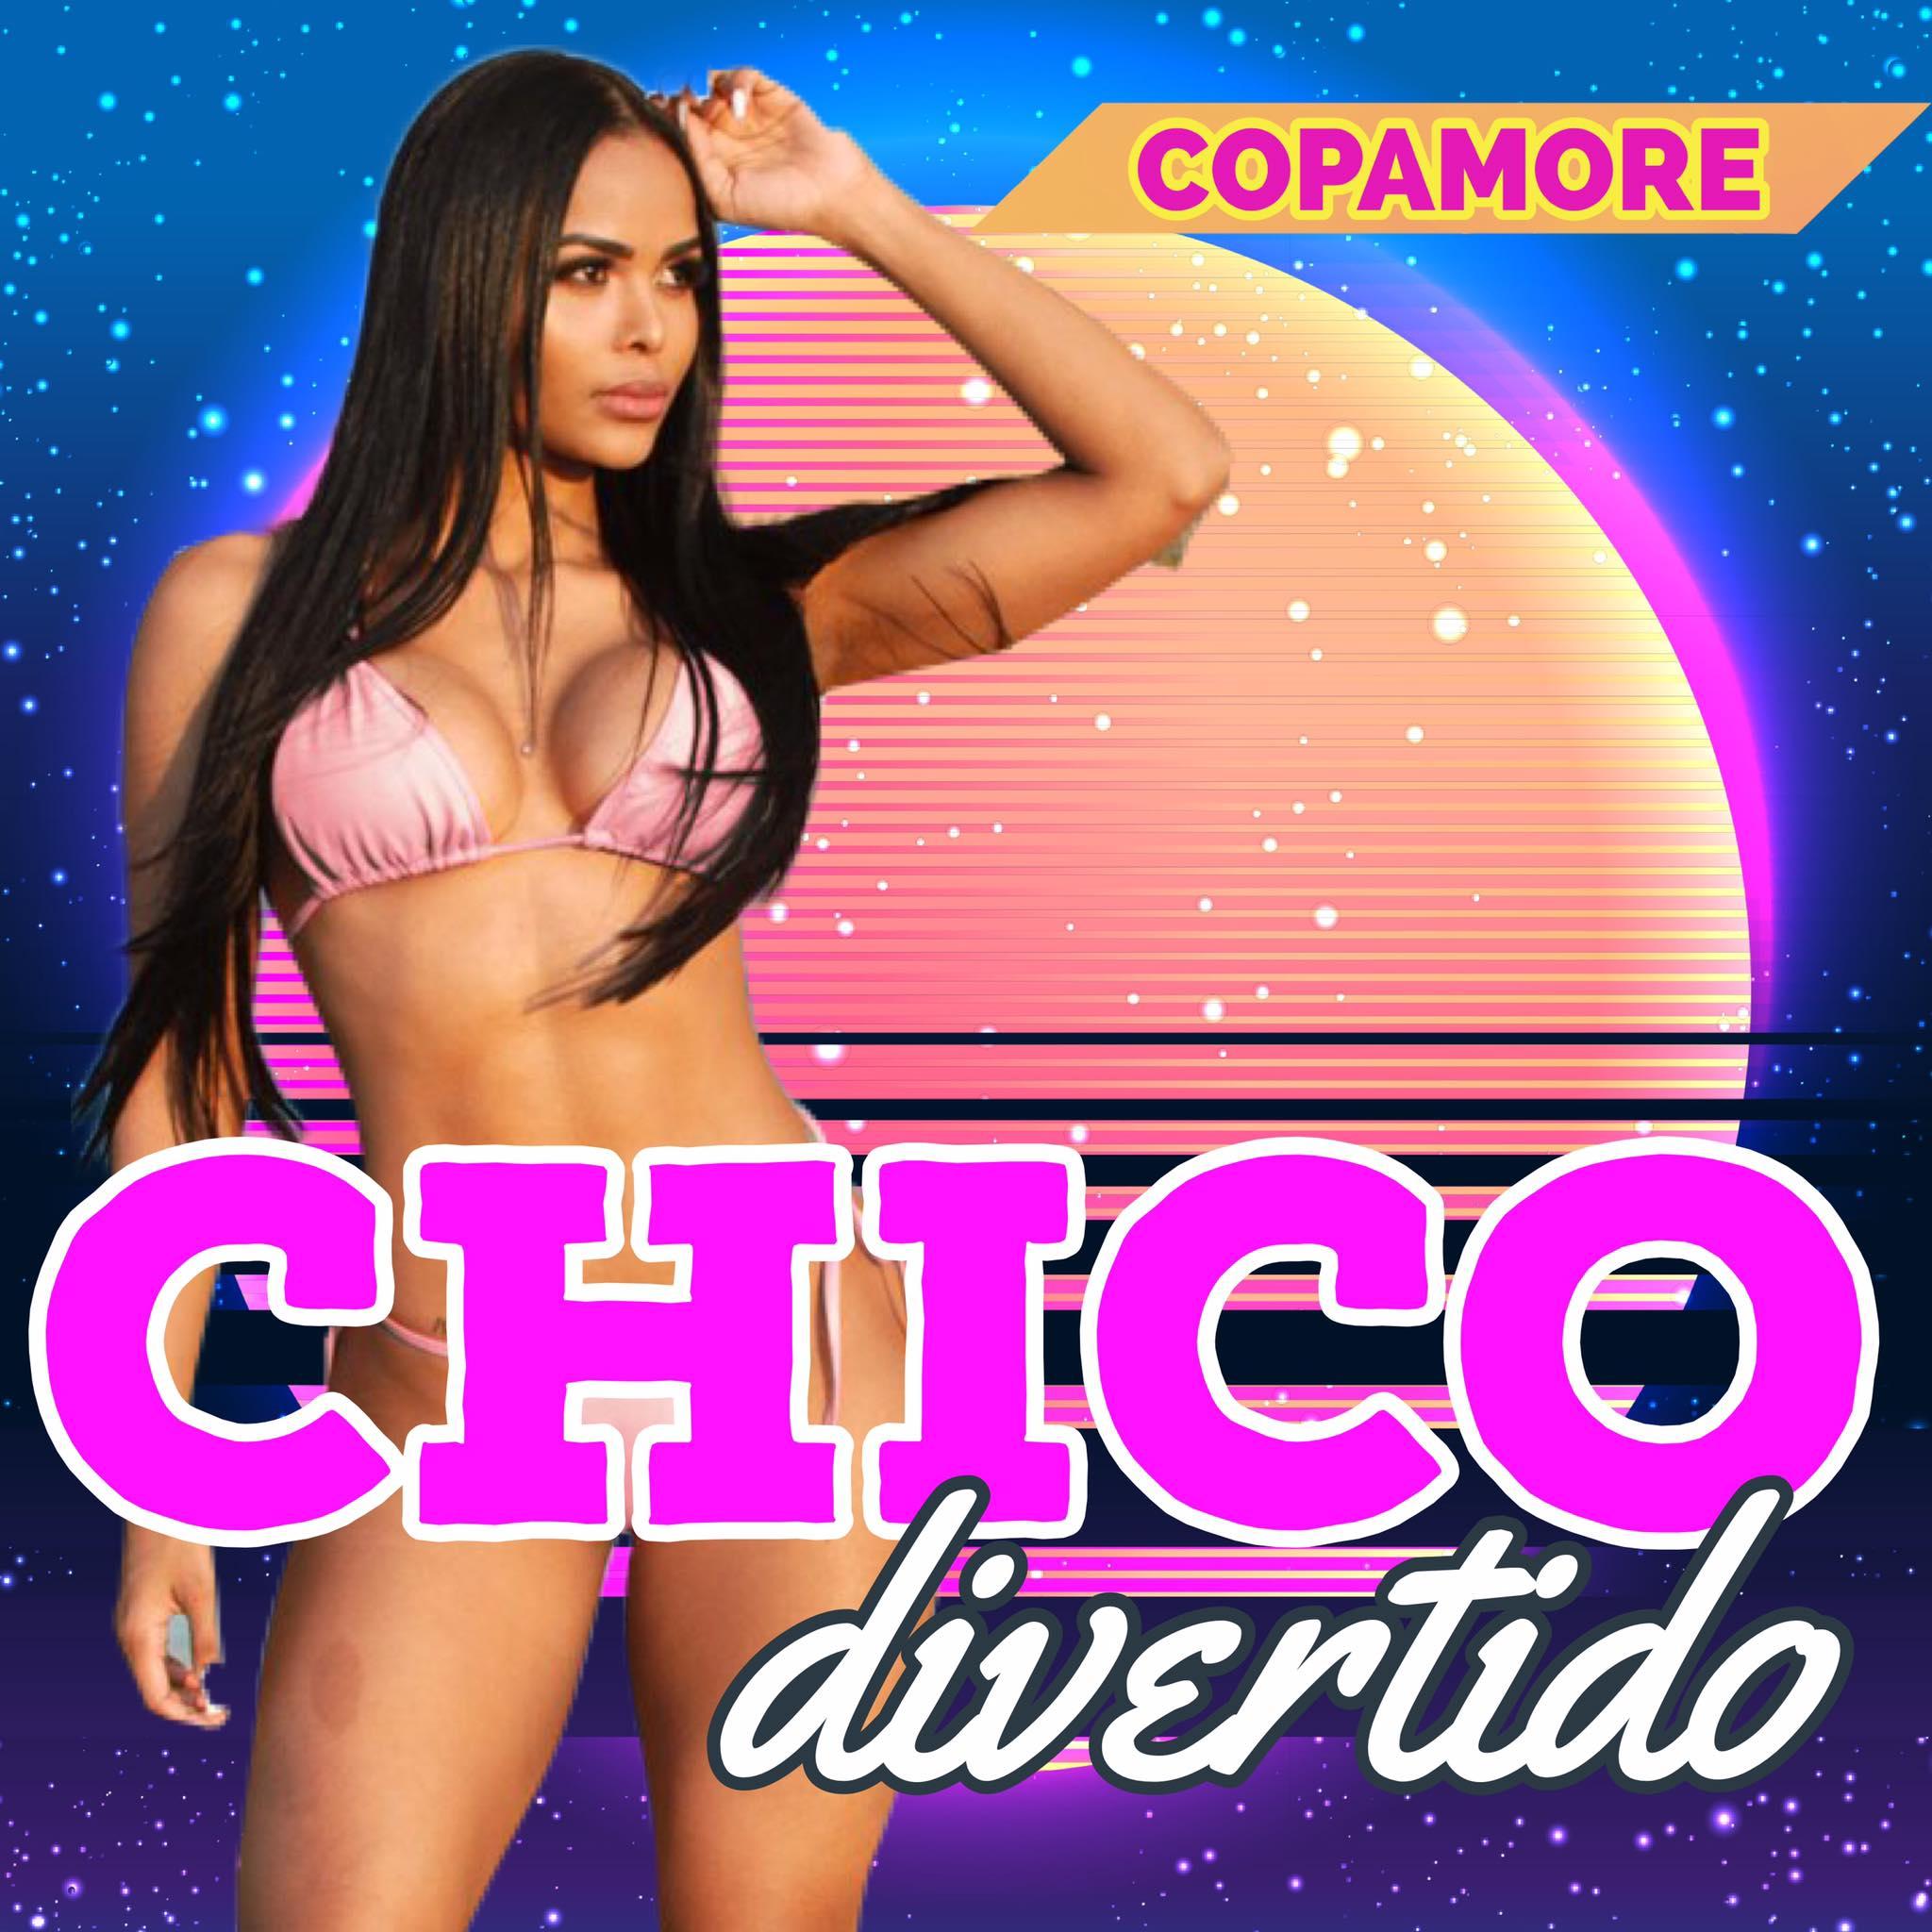 COPAMORE-Chico Divertido